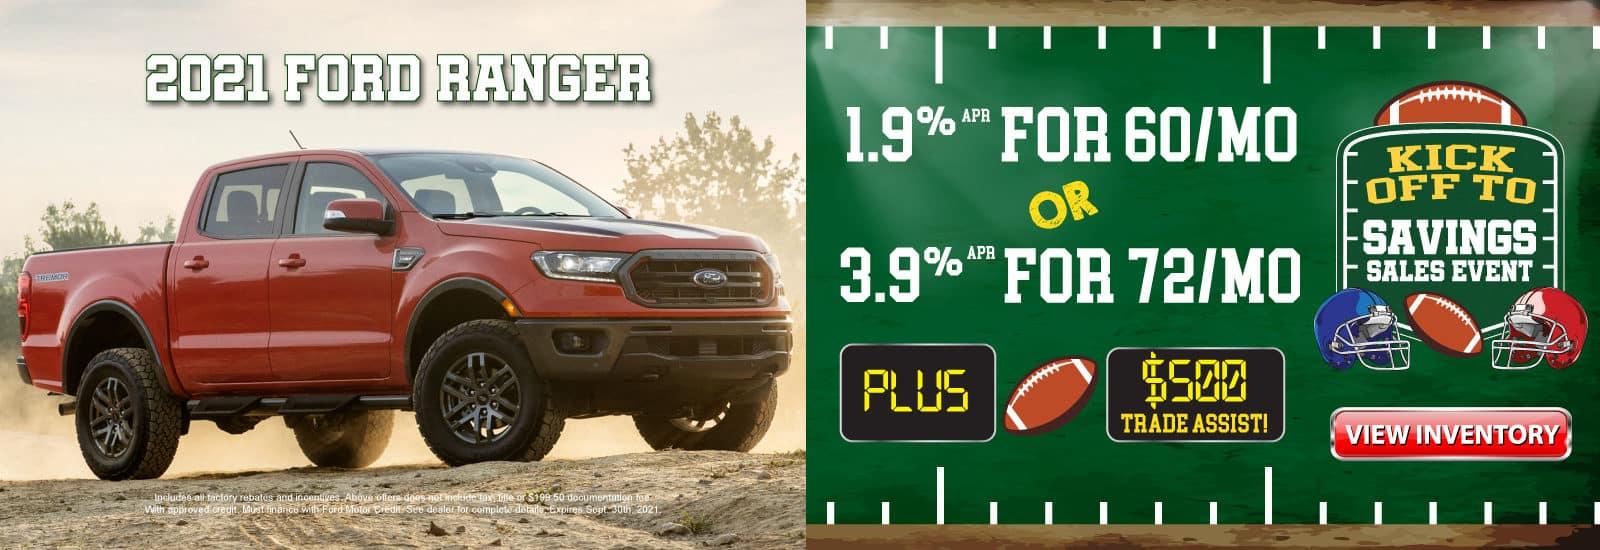 Sept2021-Ford-Ranger-Web-Banner-1600×550